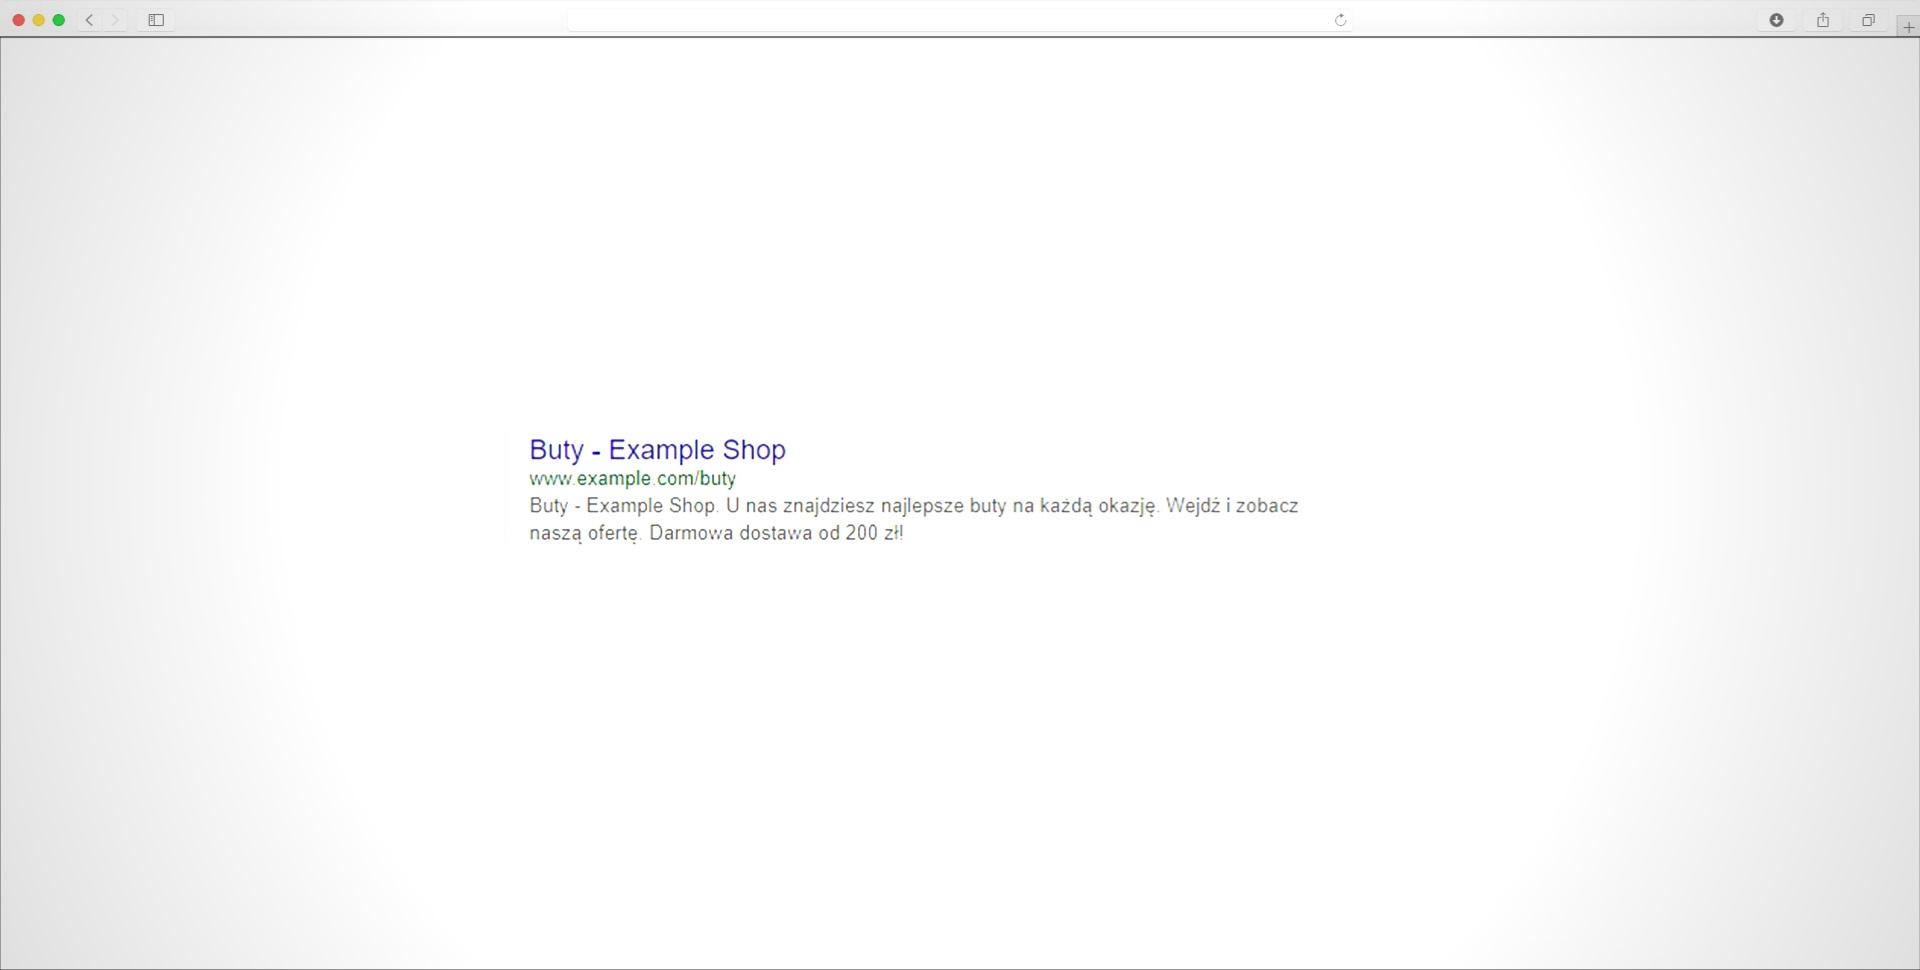 wynik wyszukiwania Google